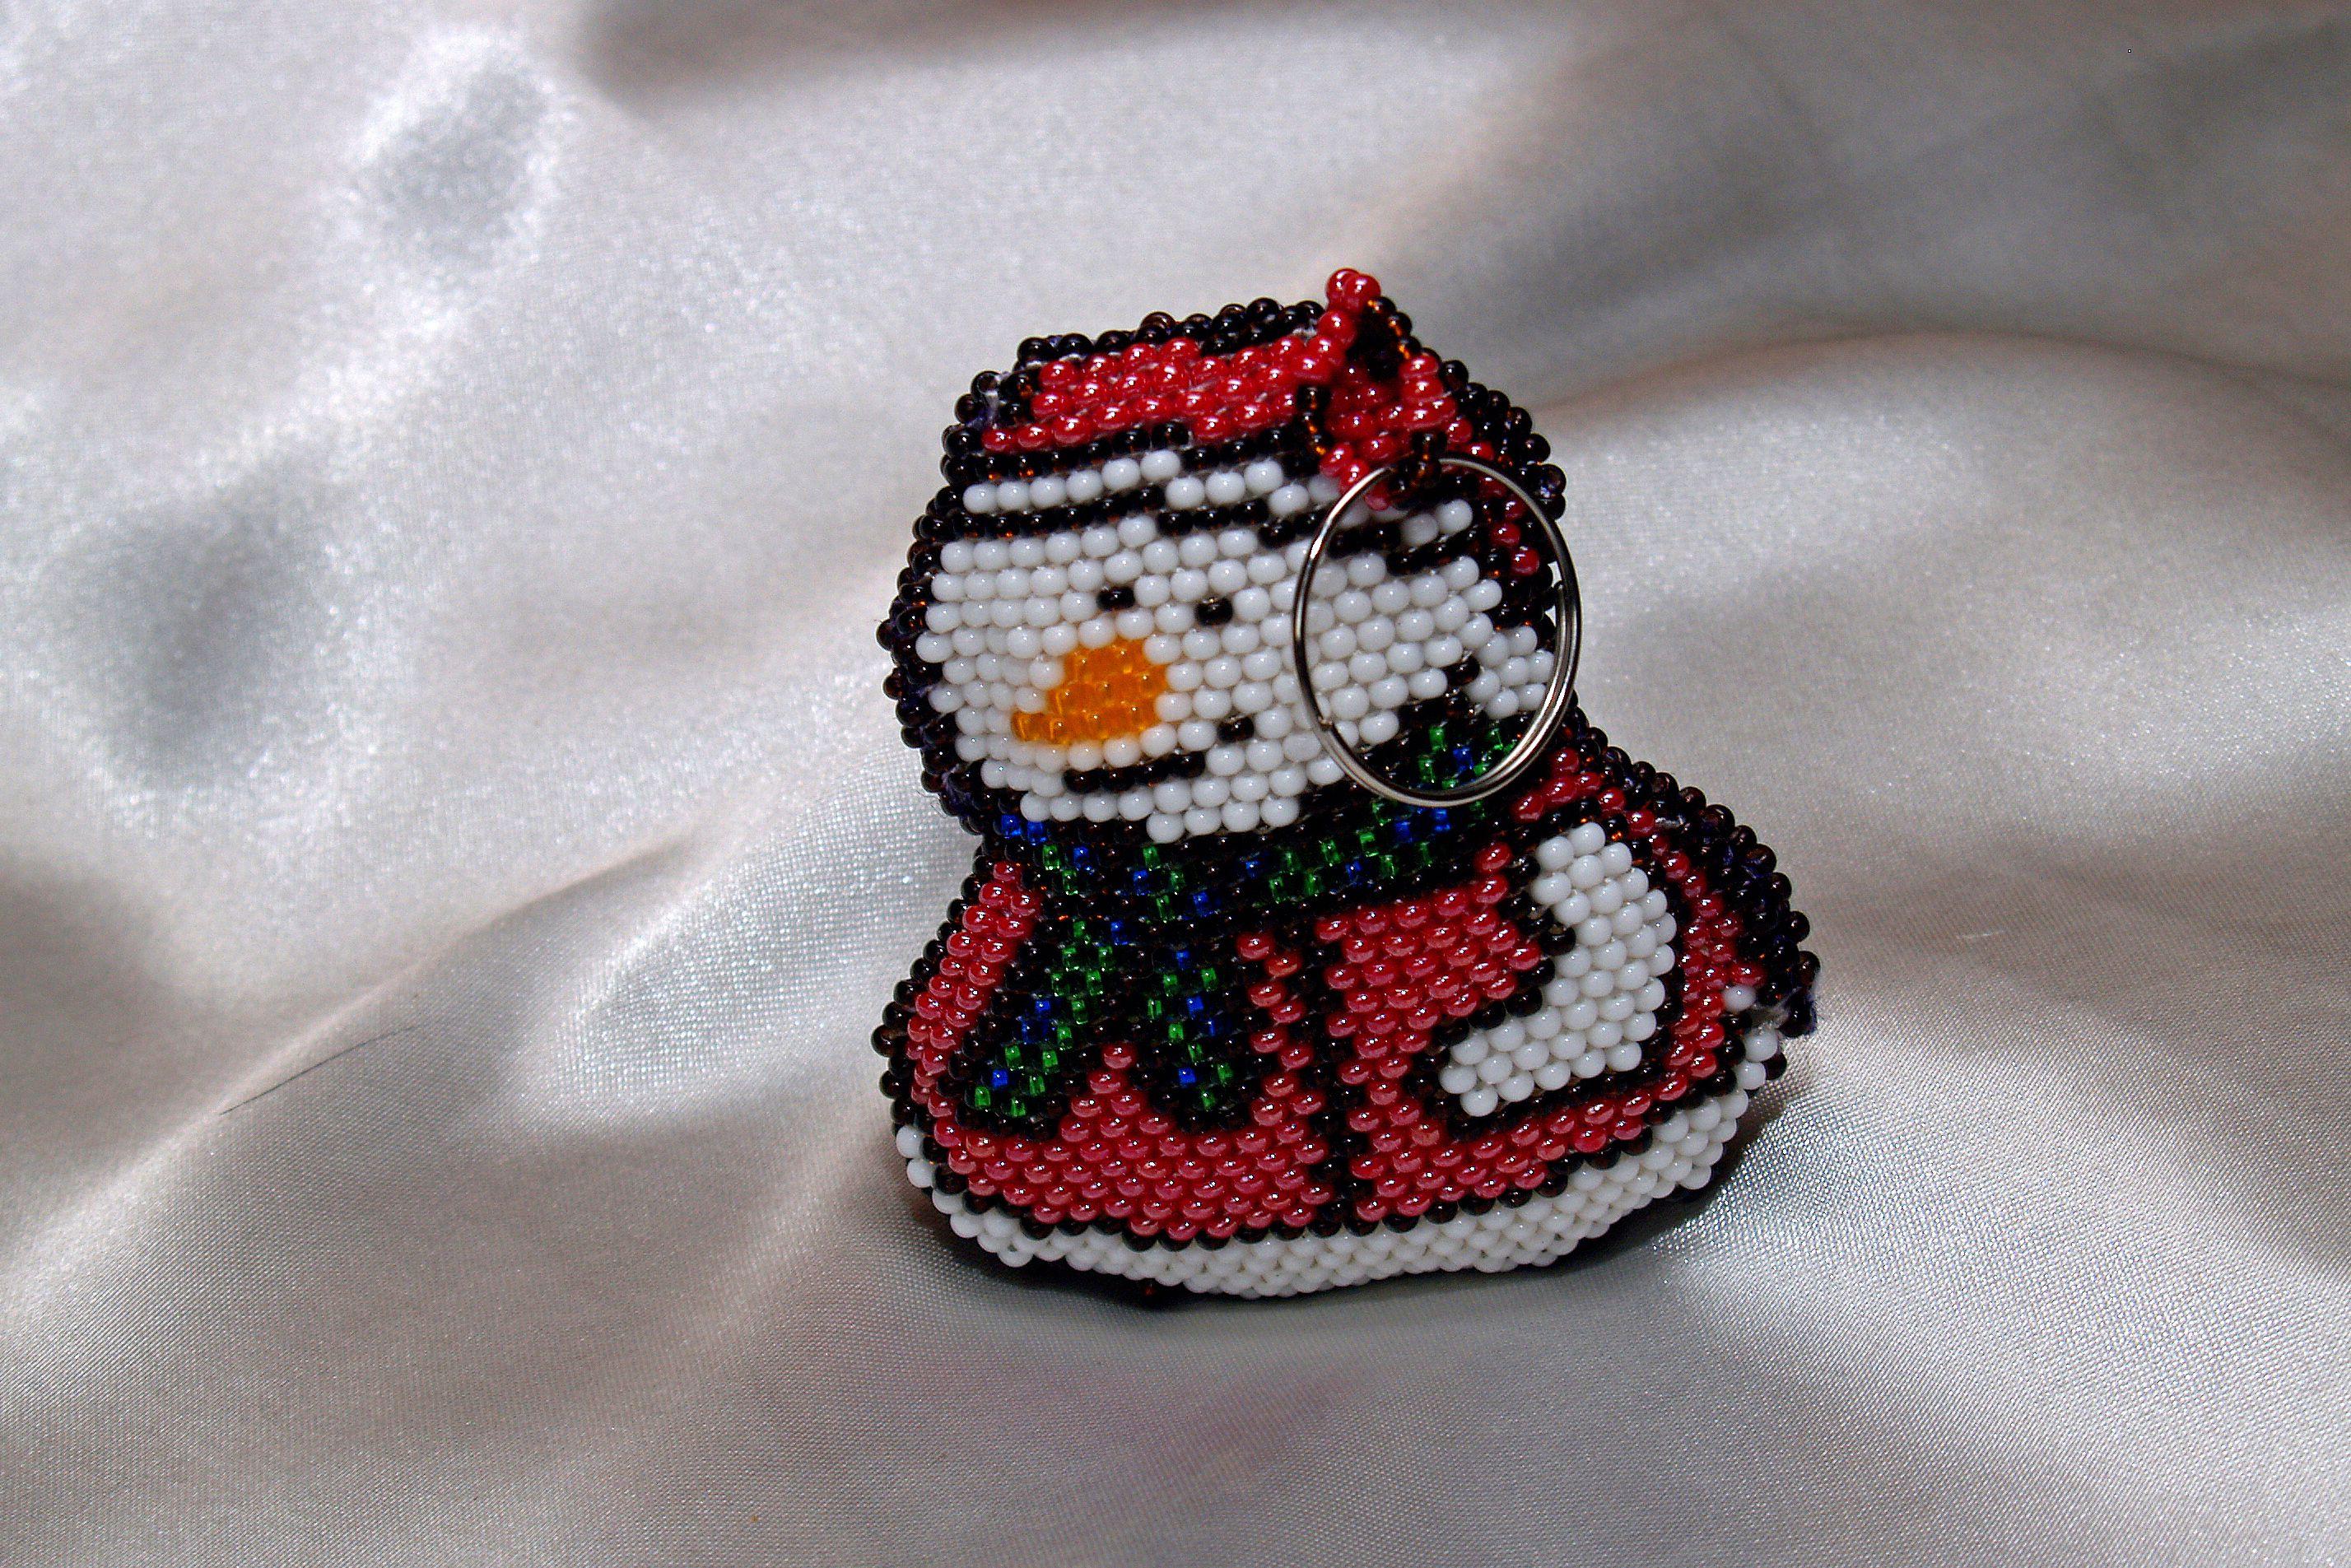 подарок украшения аксессуары брелок новыйгод снеговик избисера 2017год новогодняятематика